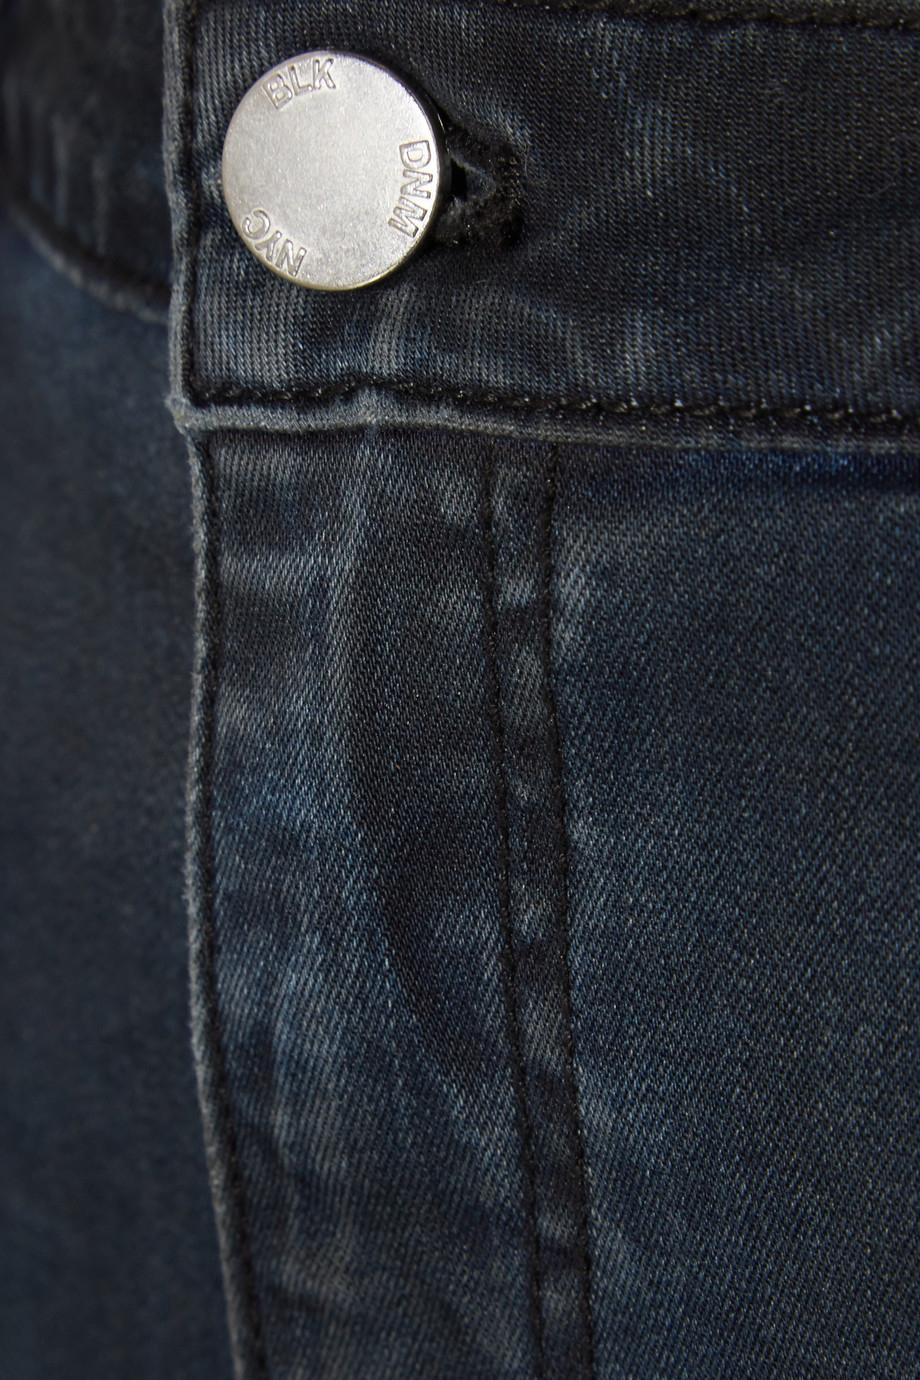 BLK DNM 14 Denim Skirt in Black